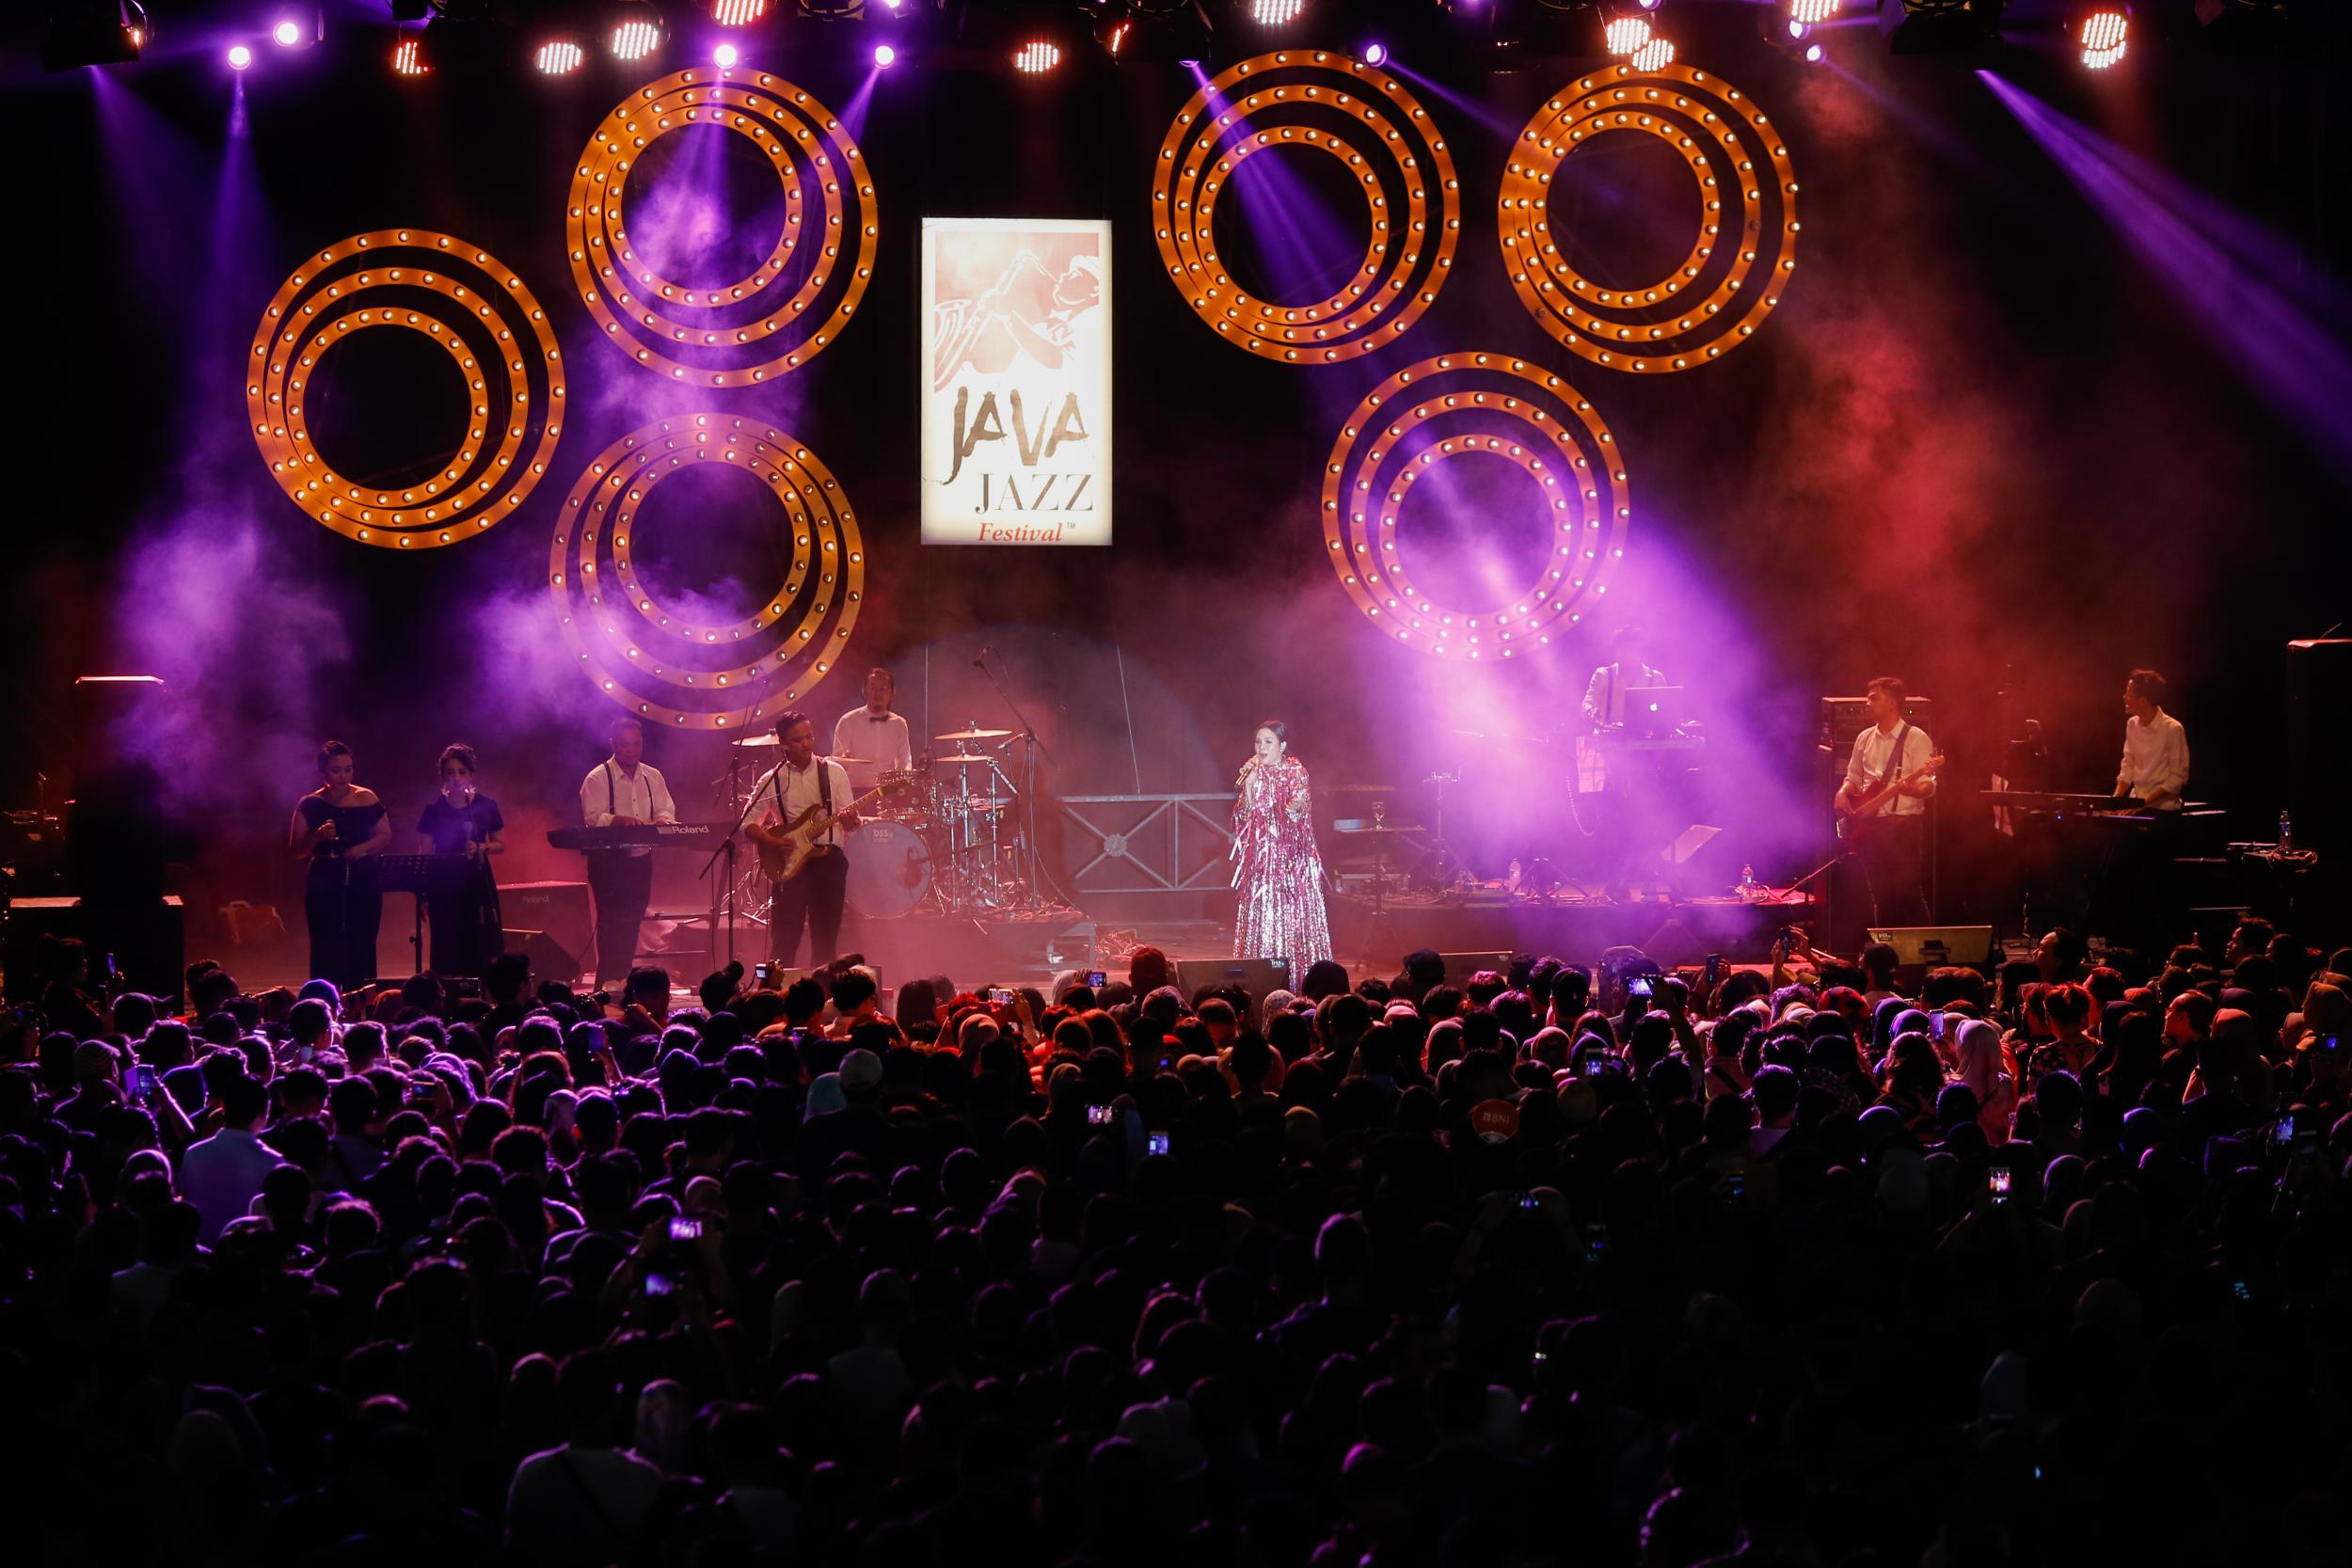 download video metallica live in jakarta